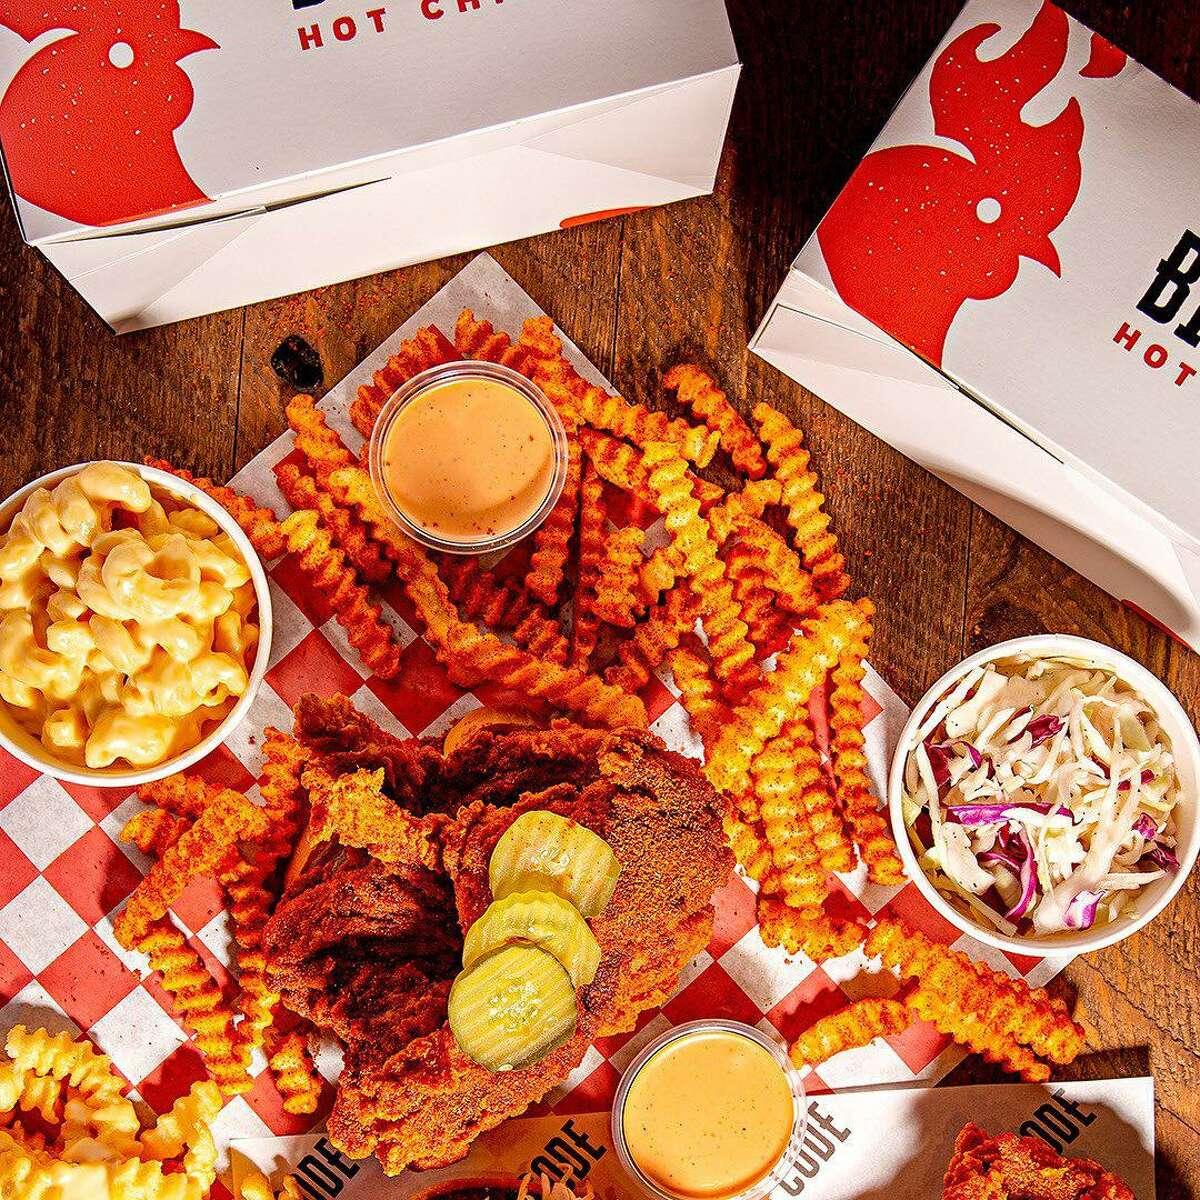 Birdcode Hot Chicken, Darien Cuisine: Nashville hot chicken Opening in 2021 Find out more.